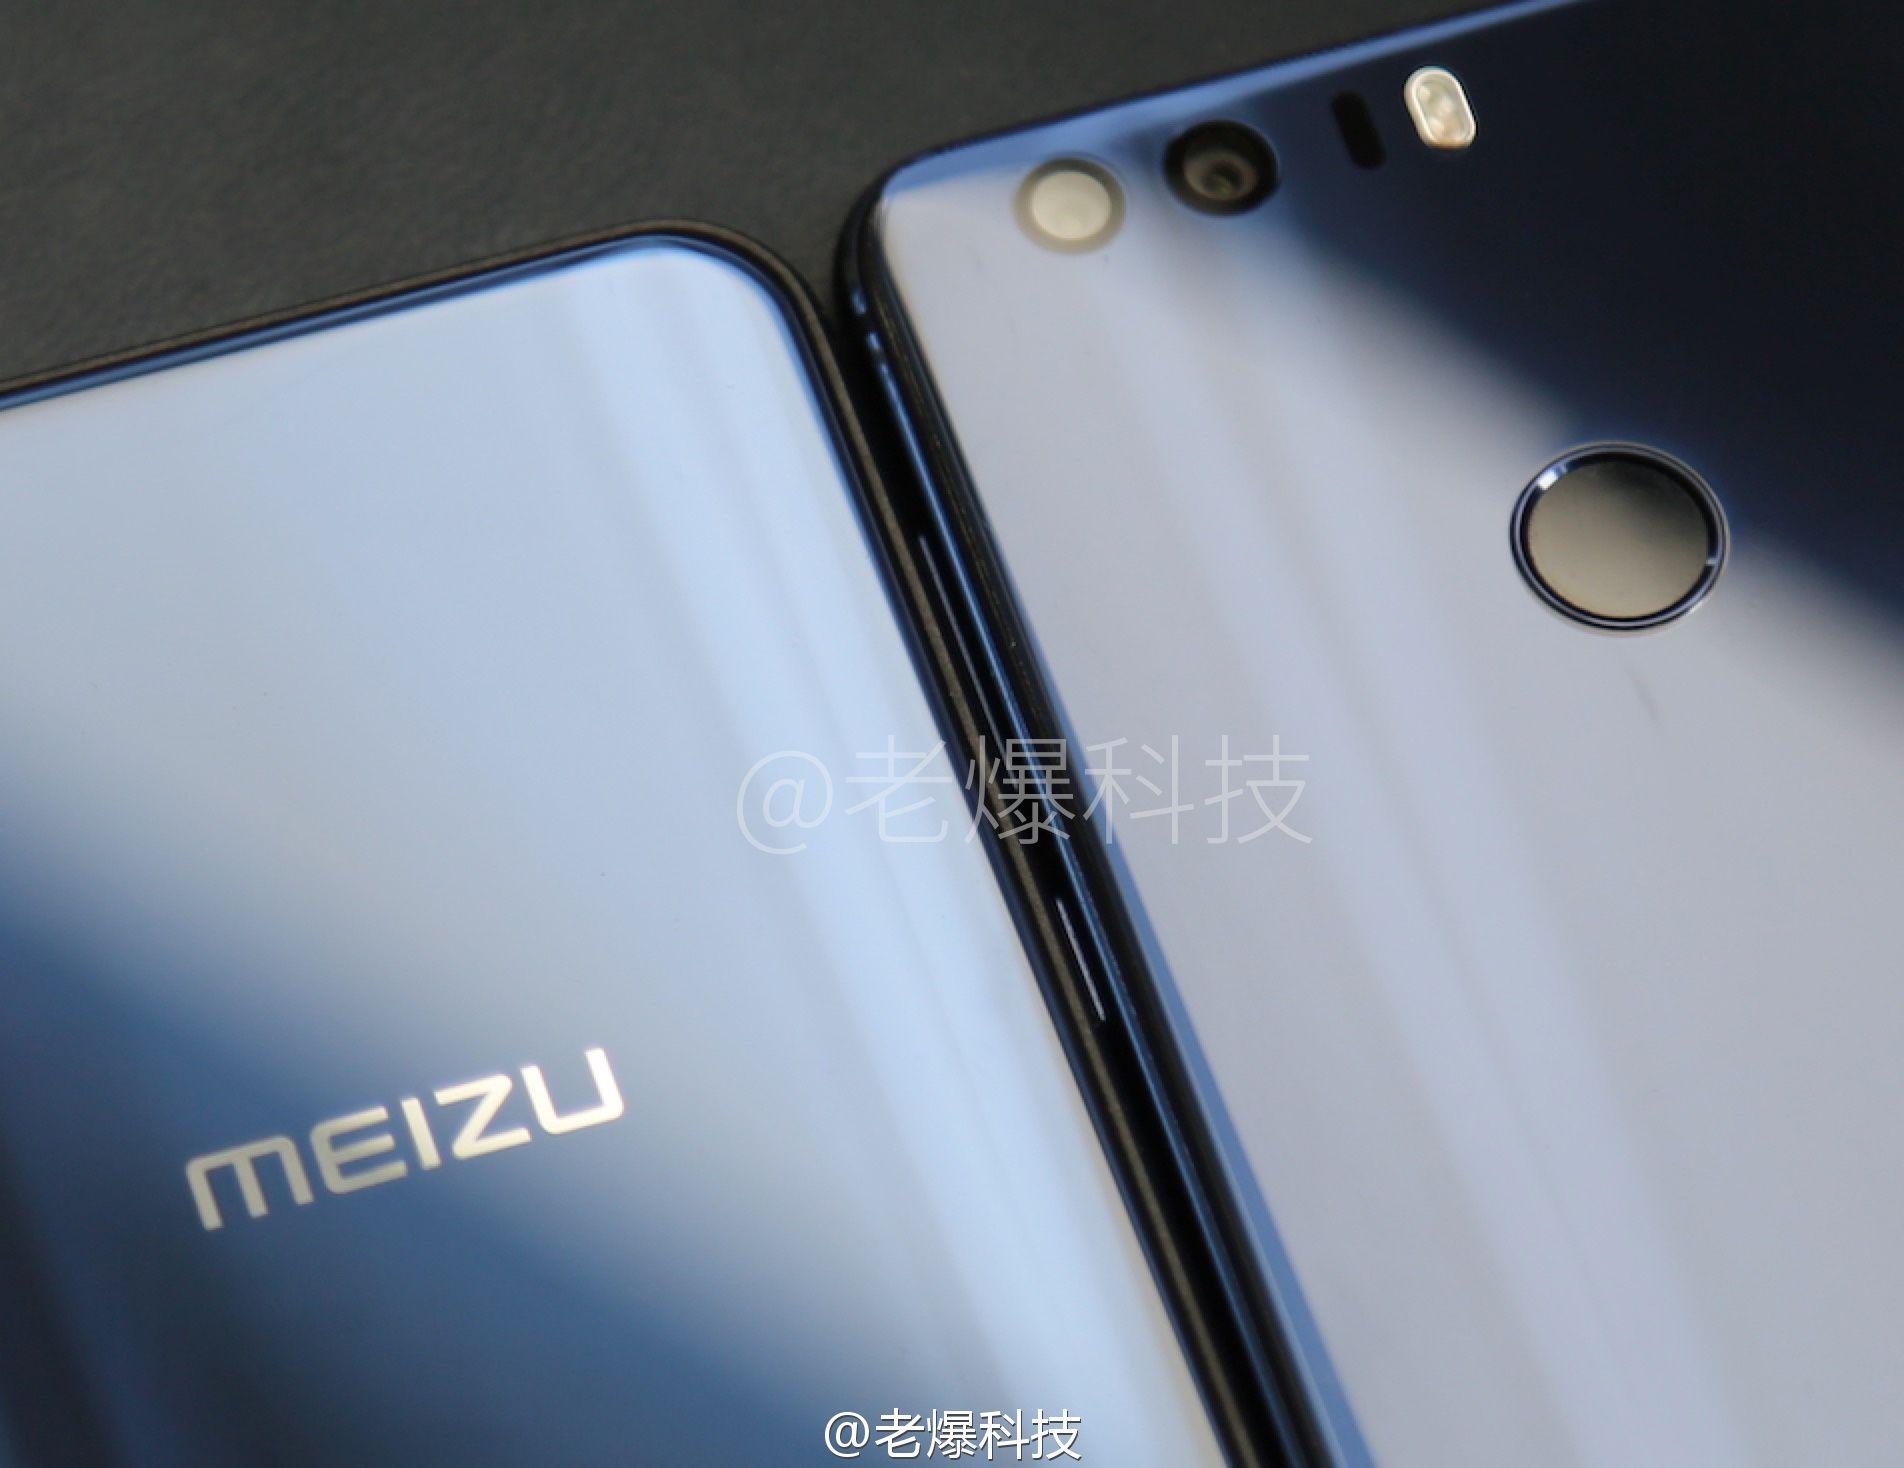 魅藍X(Meizu M1 X / Meizu M3X / Meizu M5X)の背面はhonor8の様な質感になる!?